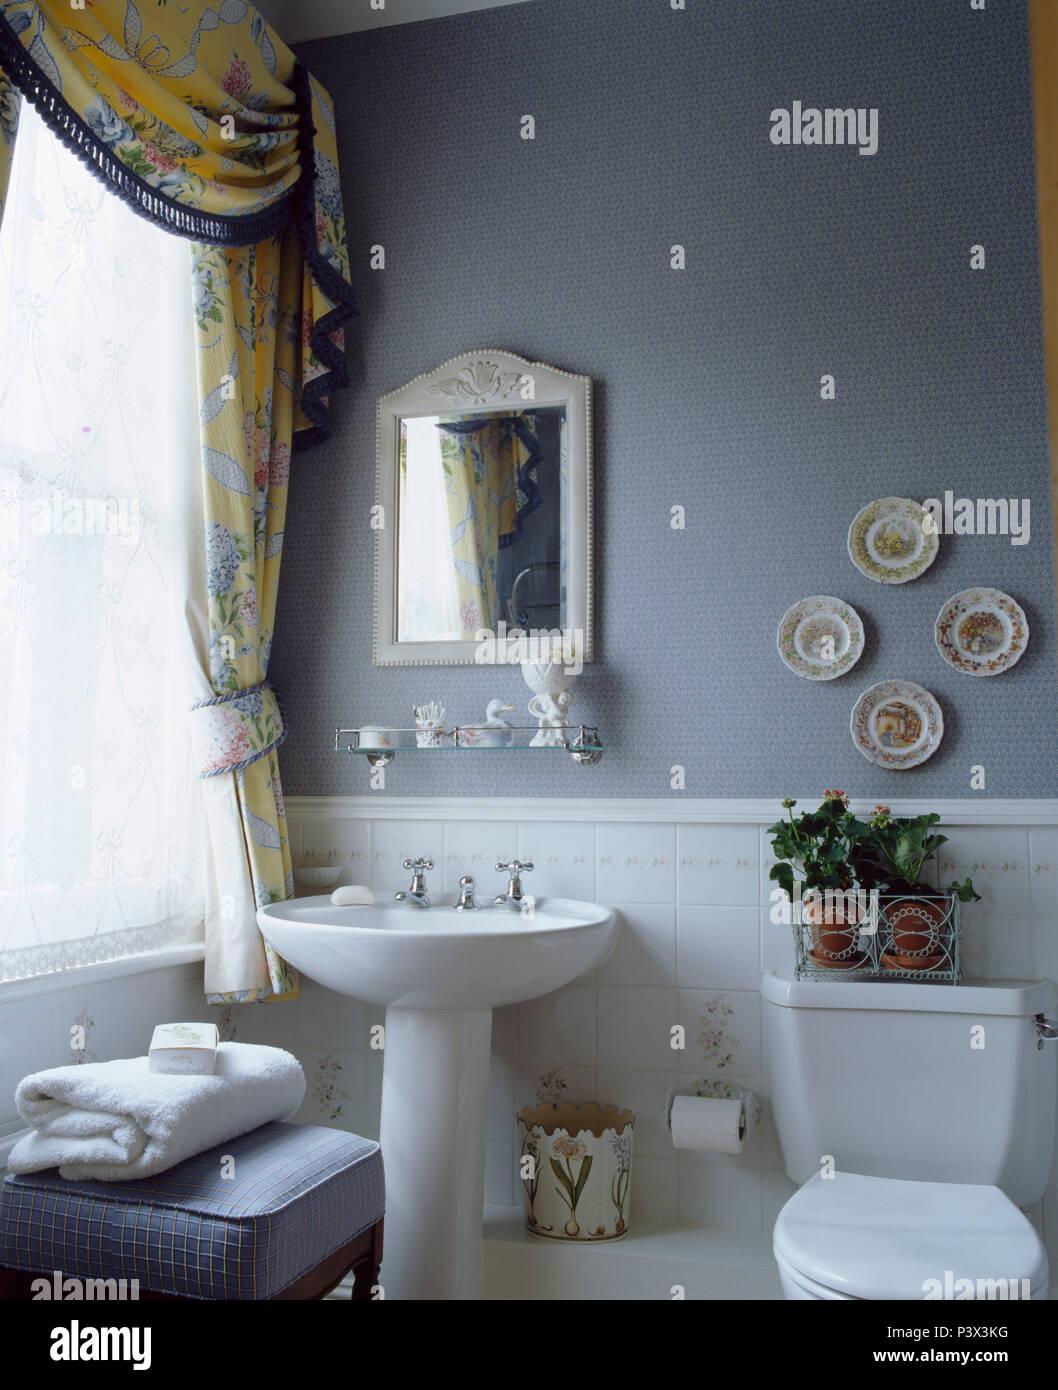 Niedlich Oval Weiß Gerahmten Spiegel Bilder - Benutzerdefinierte ...